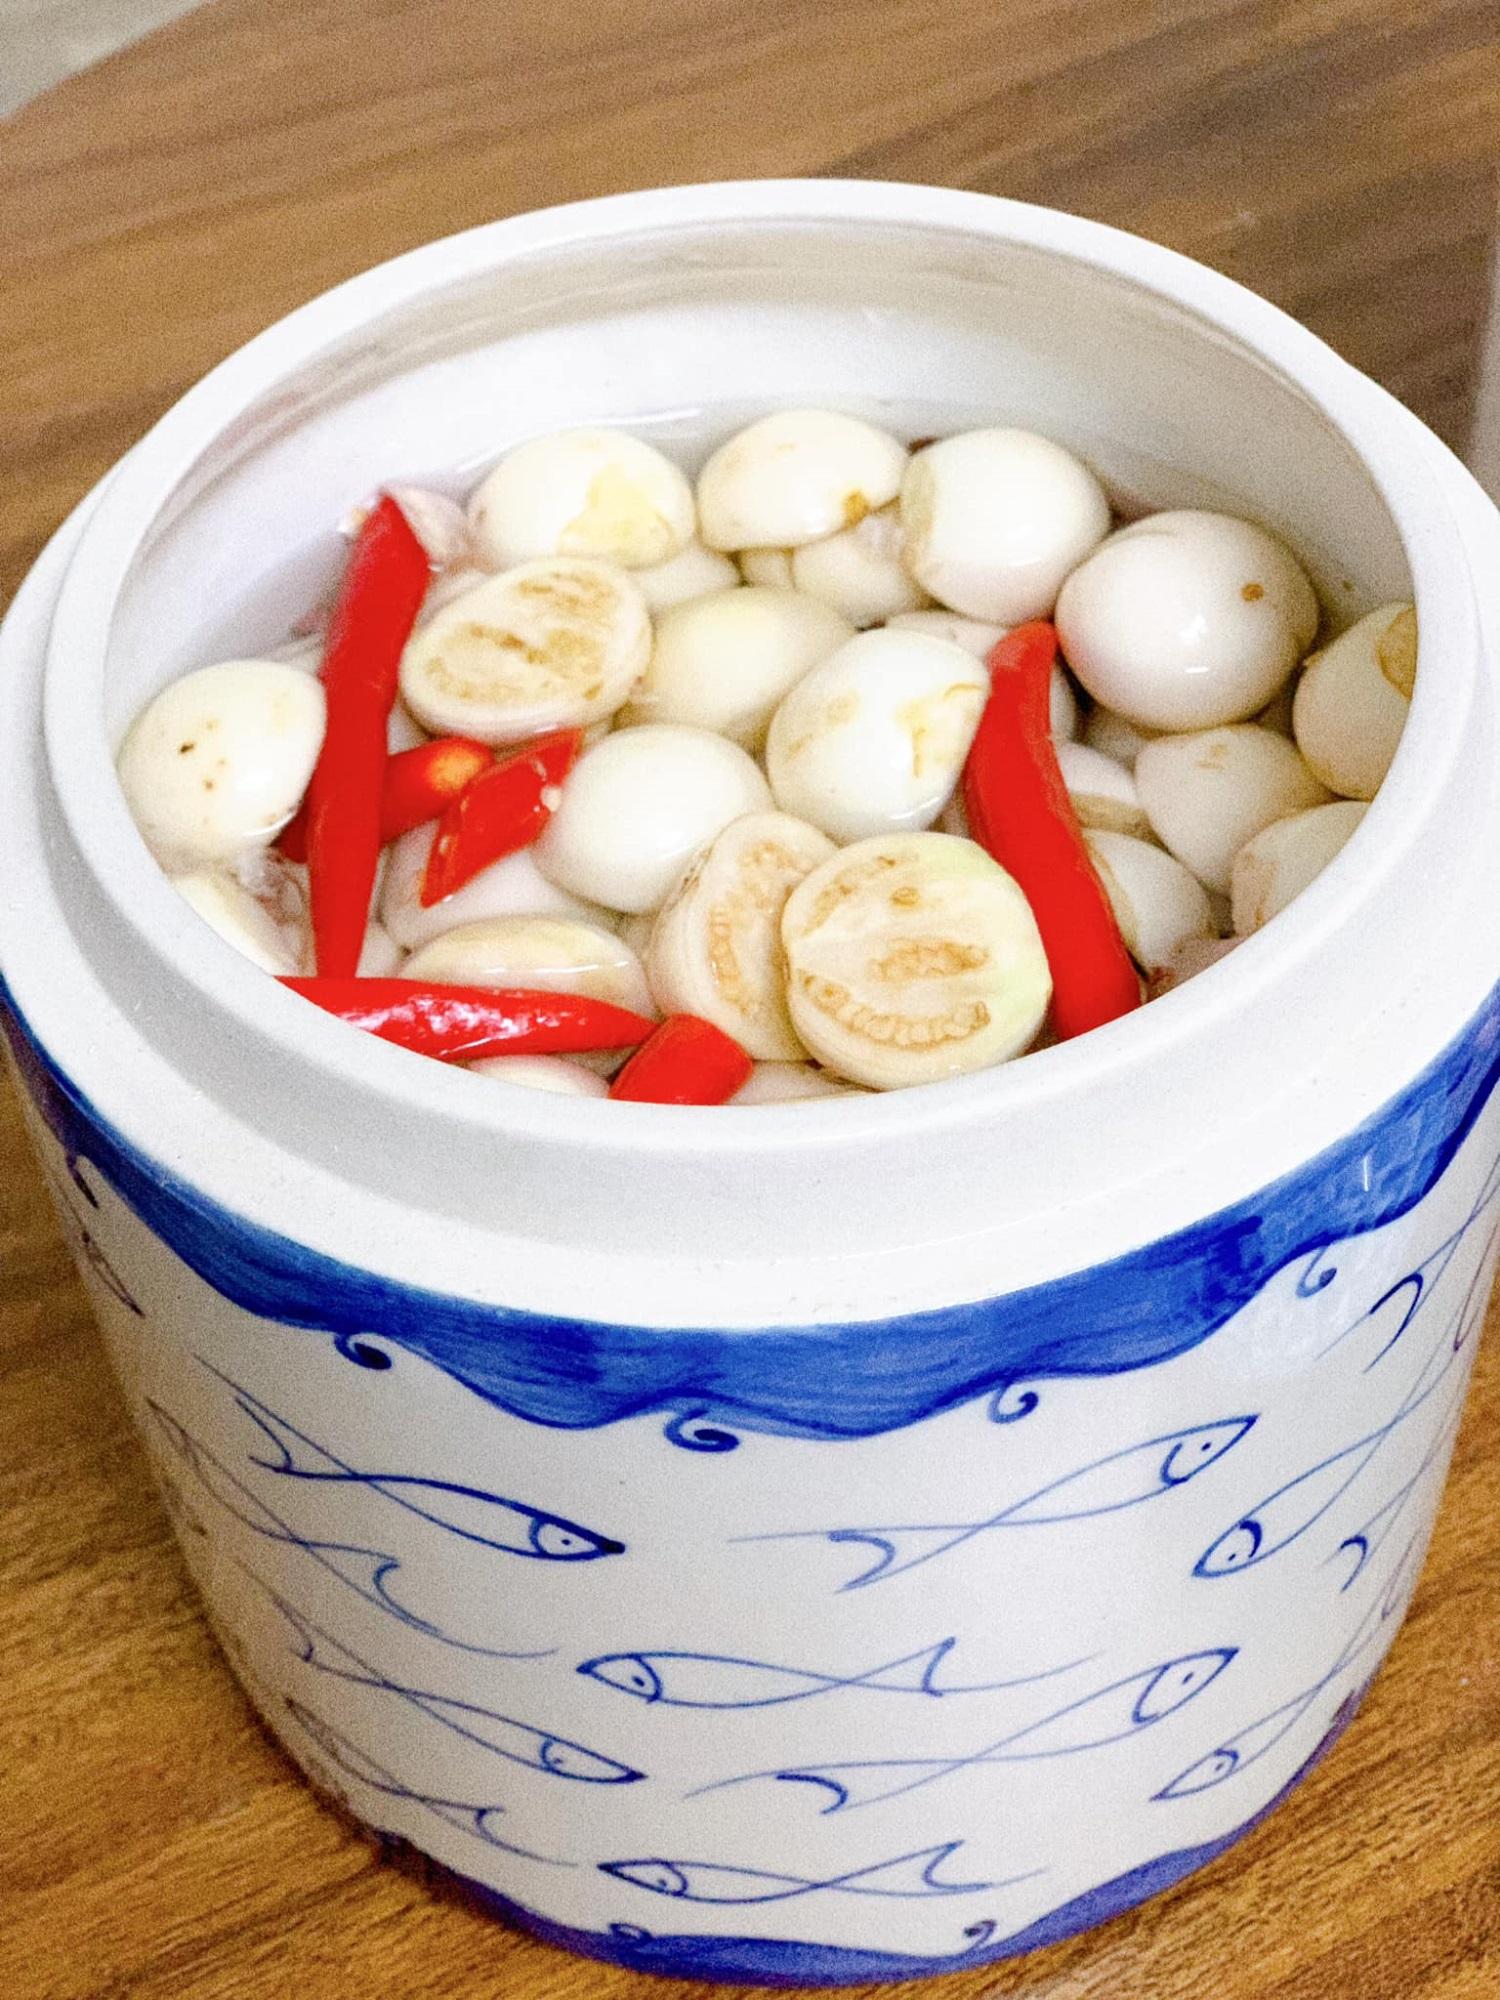 Học ngay cách làm bát cà muối đậm vị giòn rụm ăn kèm rau luộc, ngon 'quên ngày tháng' đấy chị em ơi! - Ảnh 3